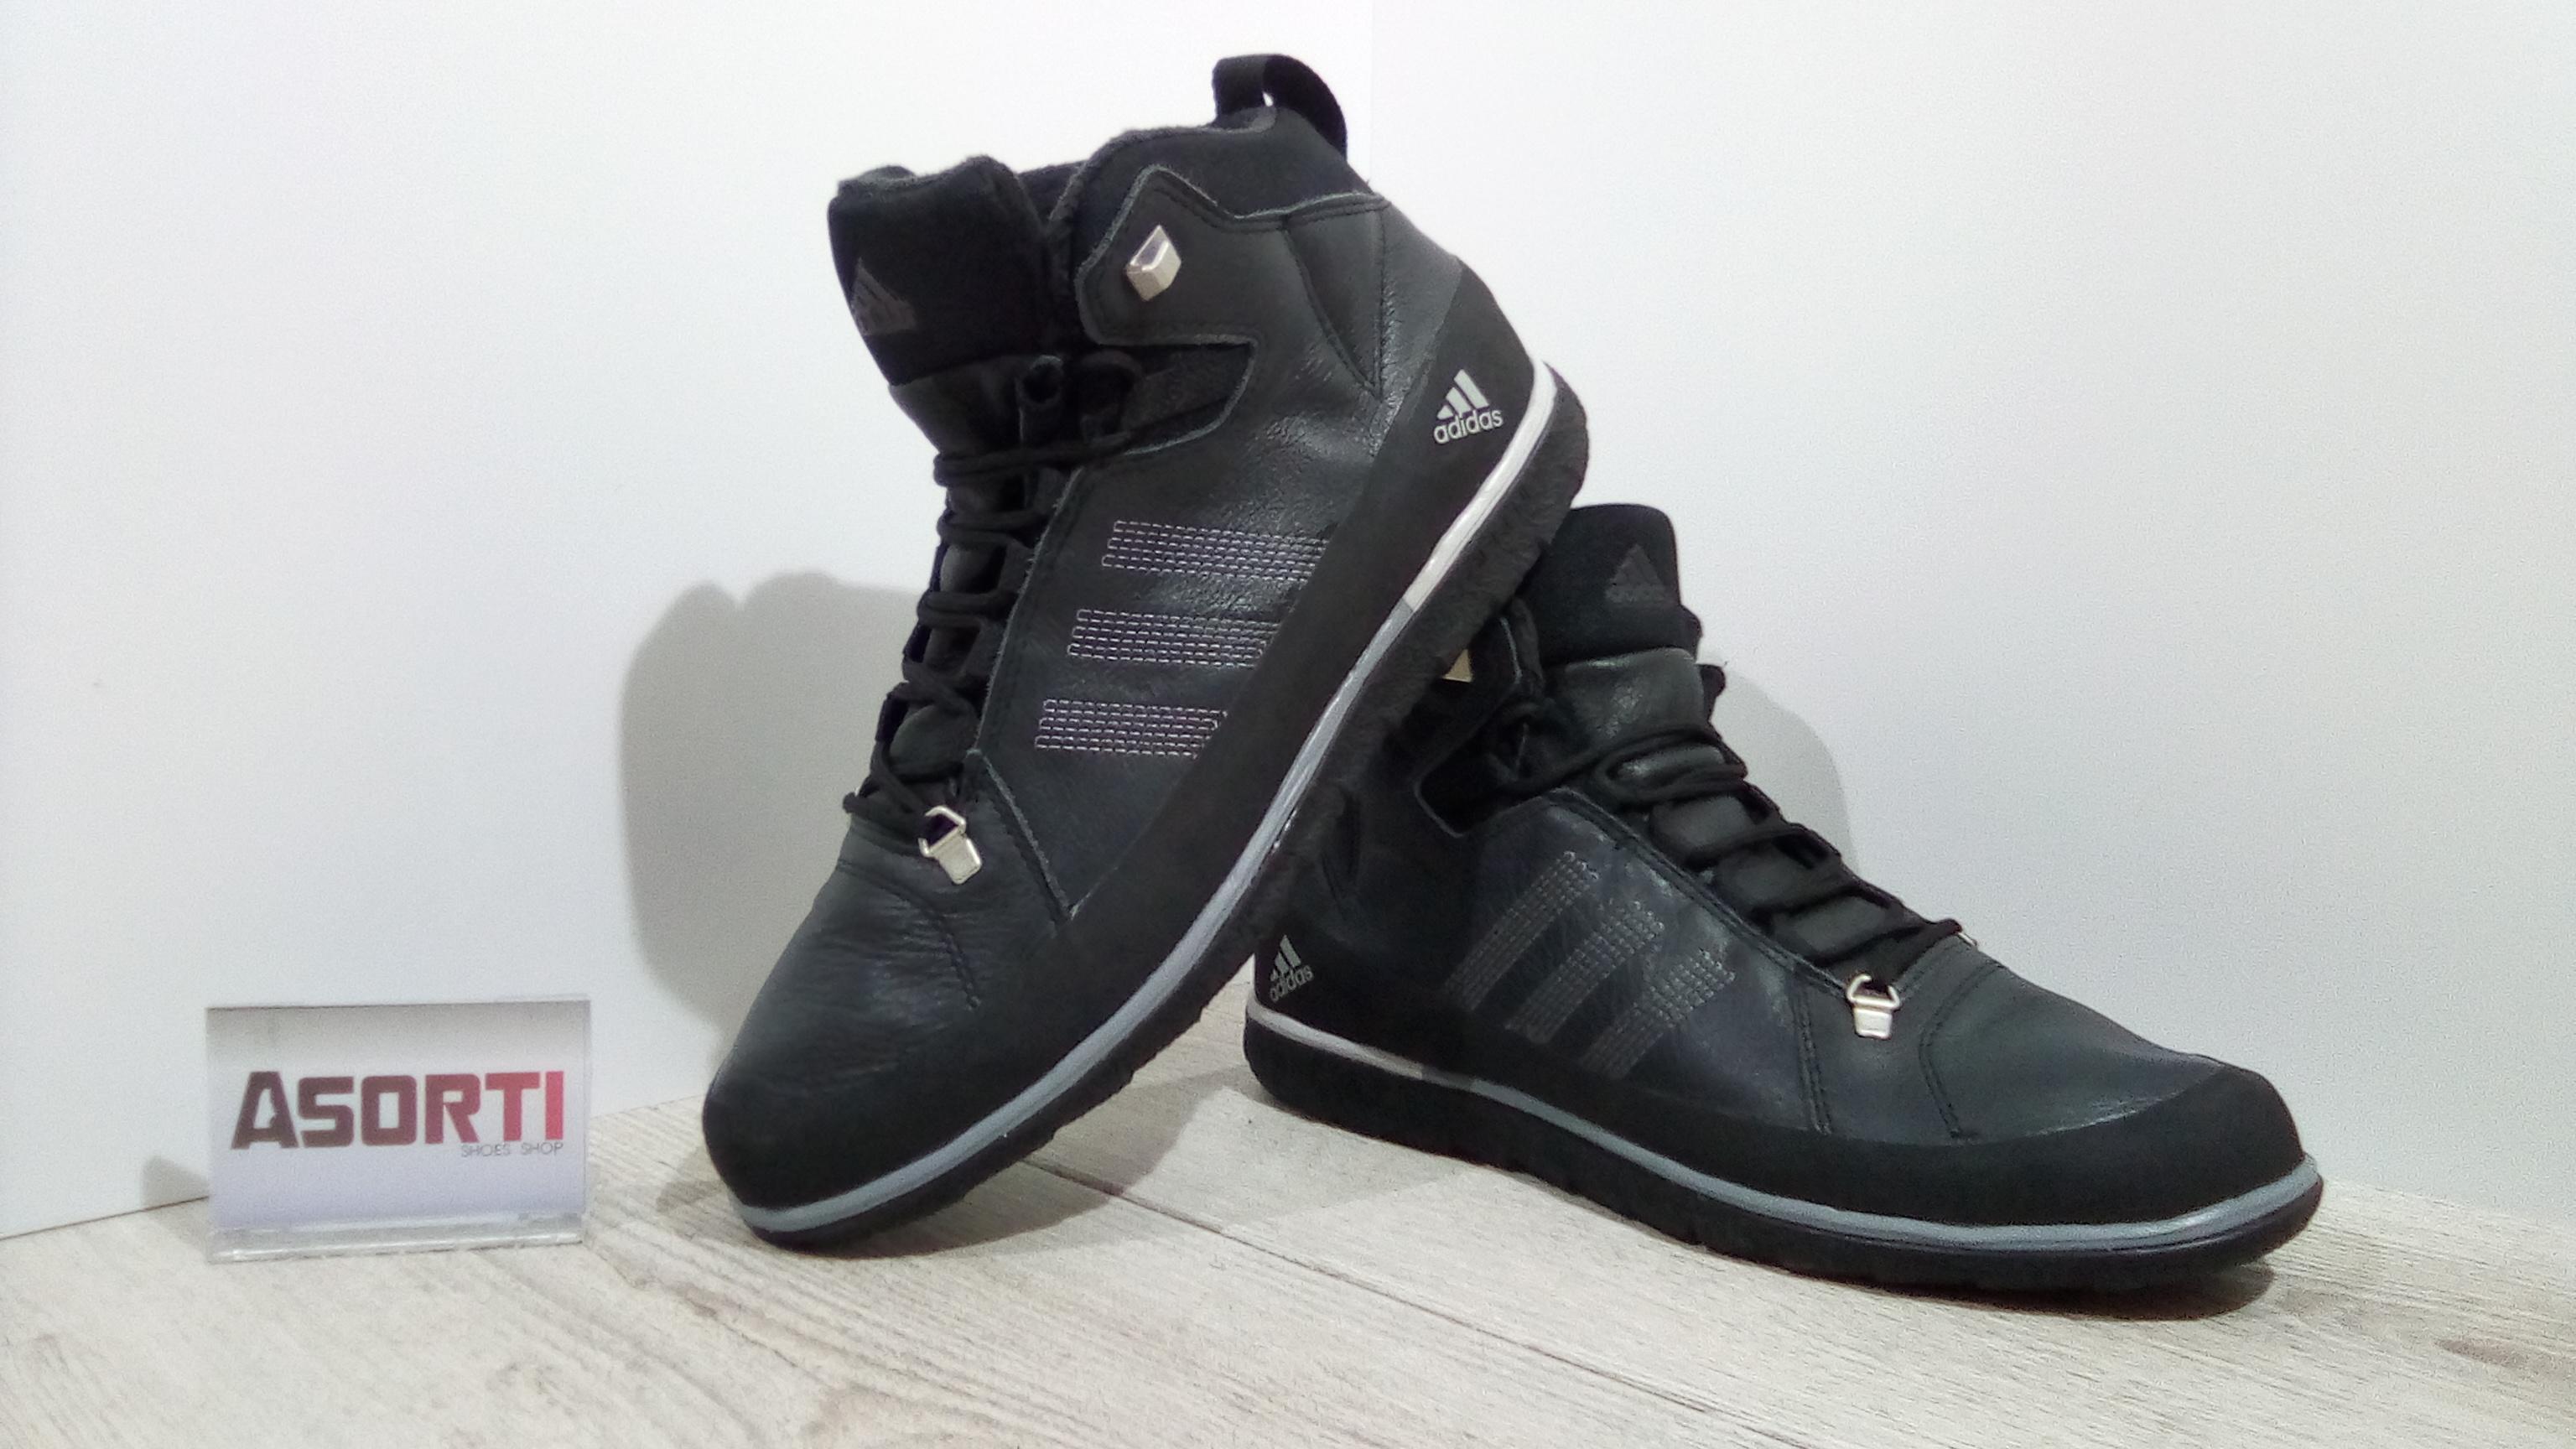 6af3119f Мужские зимние кроссовки Adidas Zappan Winter Mid (V21098) черные ...